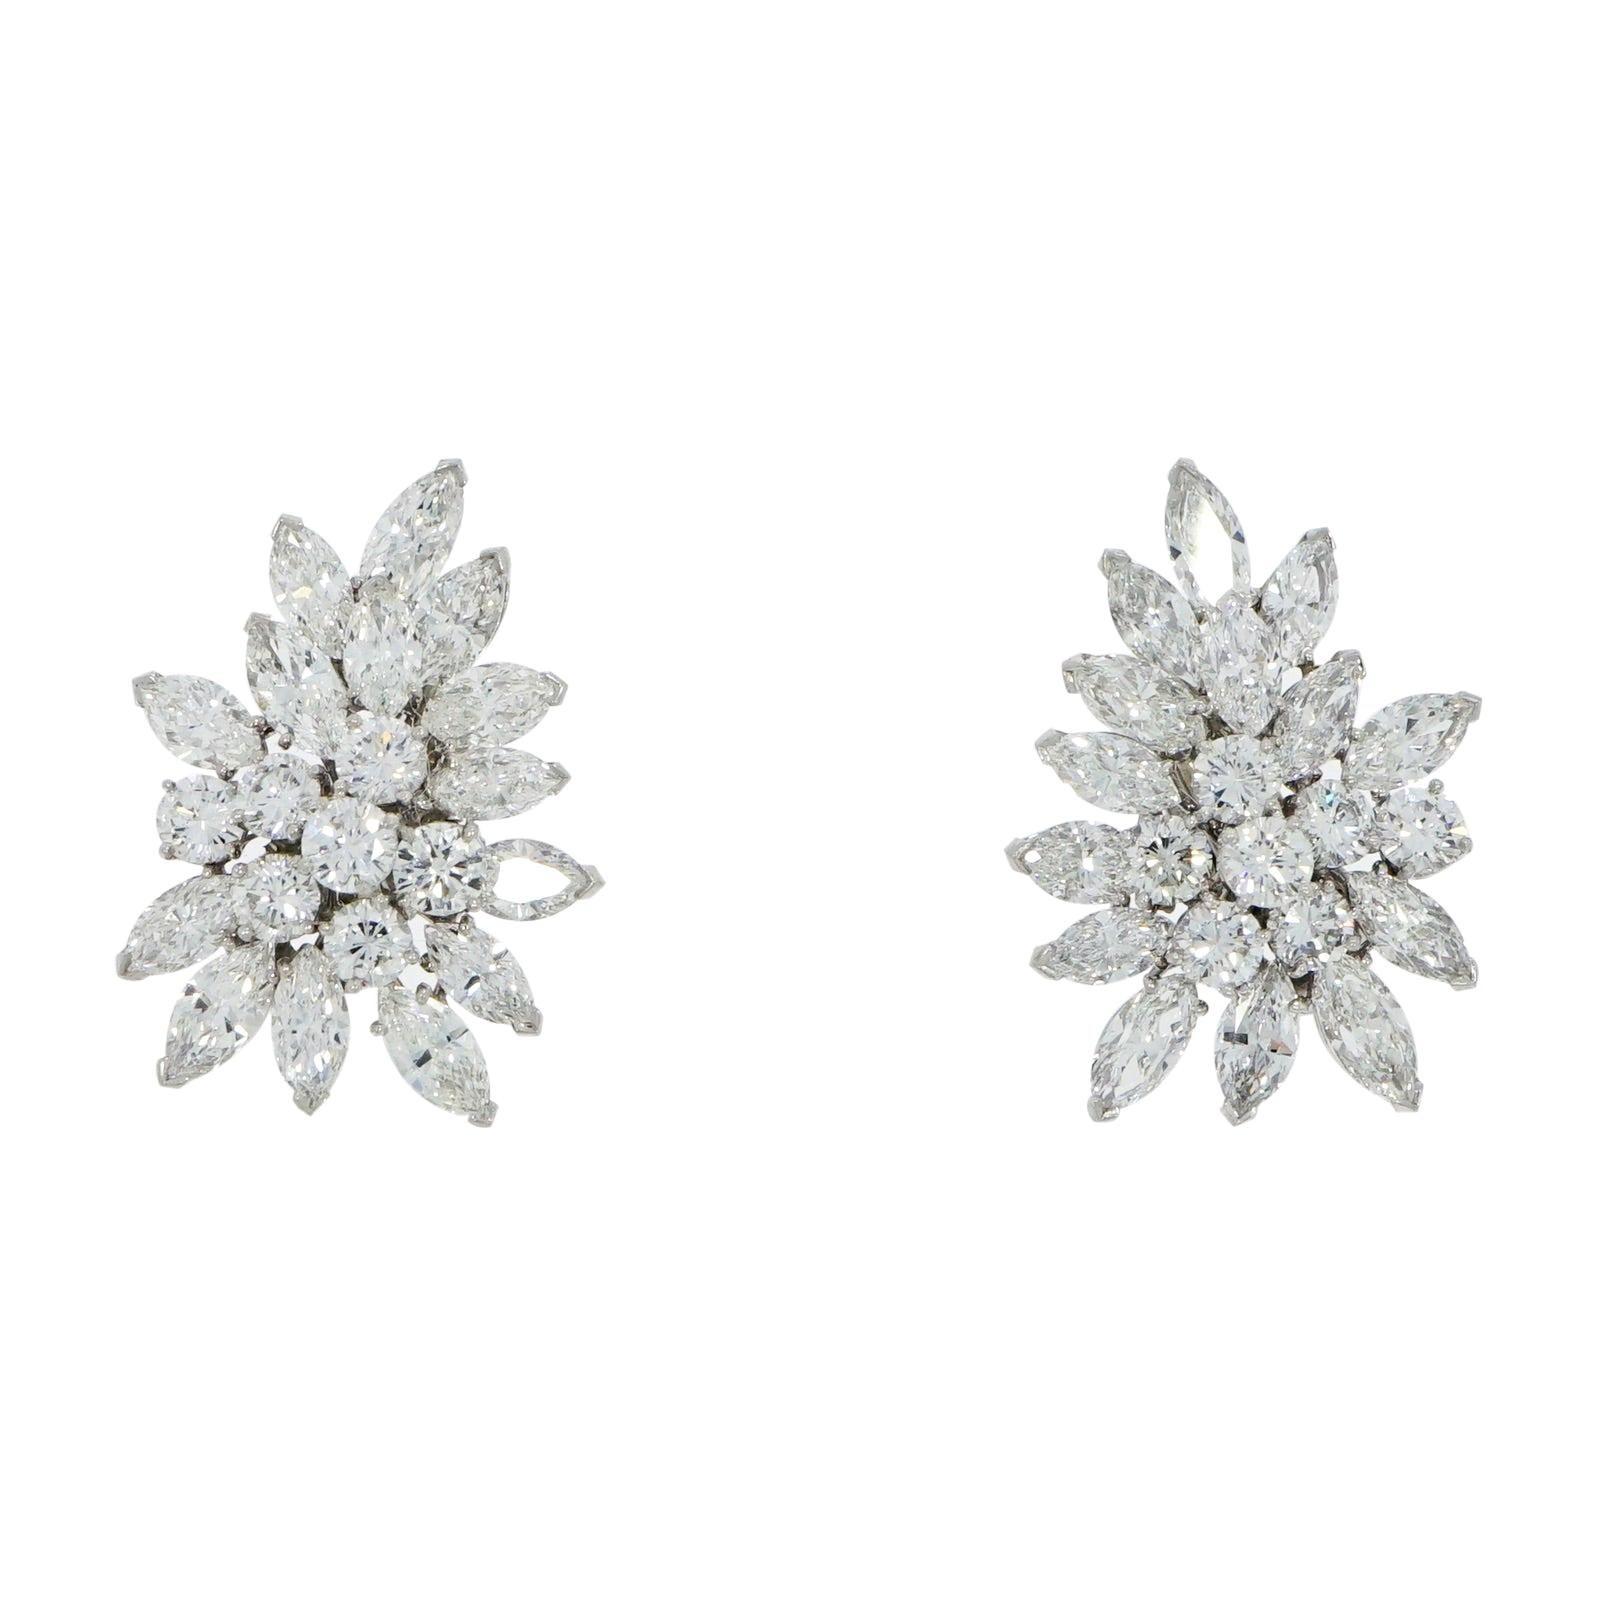 Van Cleef & Arpels Diamond Cluster Platinum Earrings